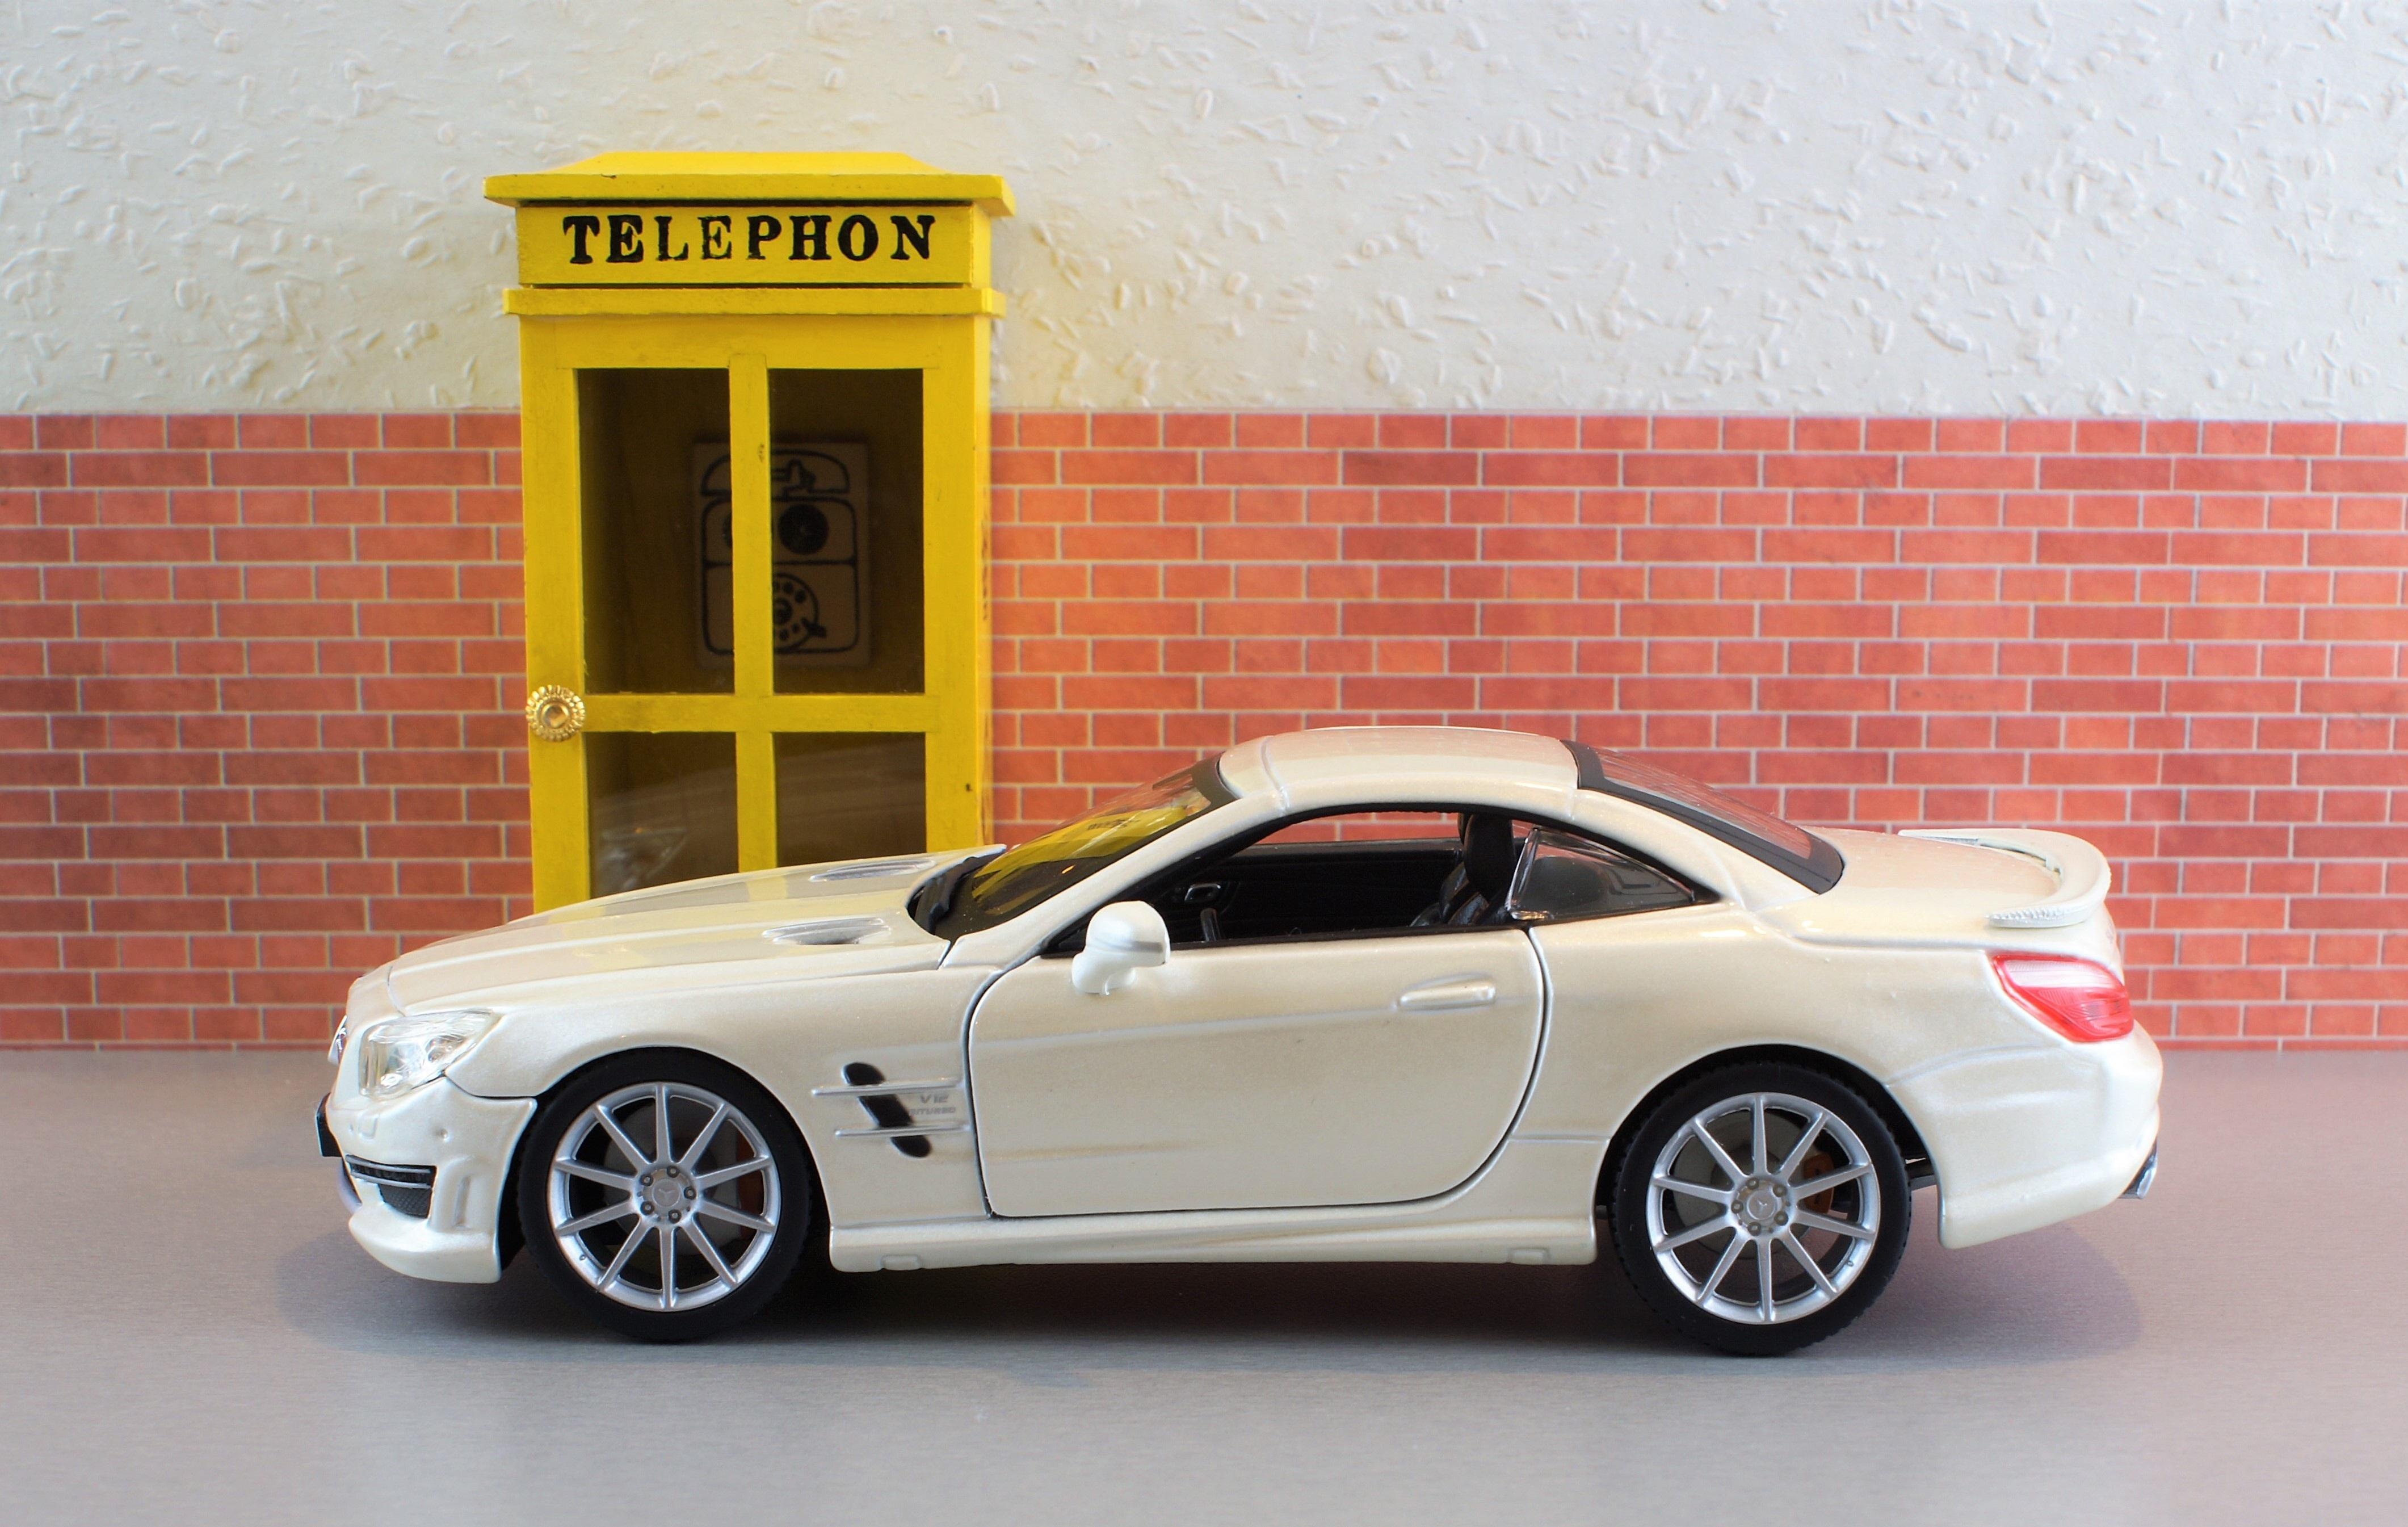 images gratuites roue maquette v hicule auto jaune la vitesse voiture de sport supercar. Black Bedroom Furniture Sets. Home Design Ideas